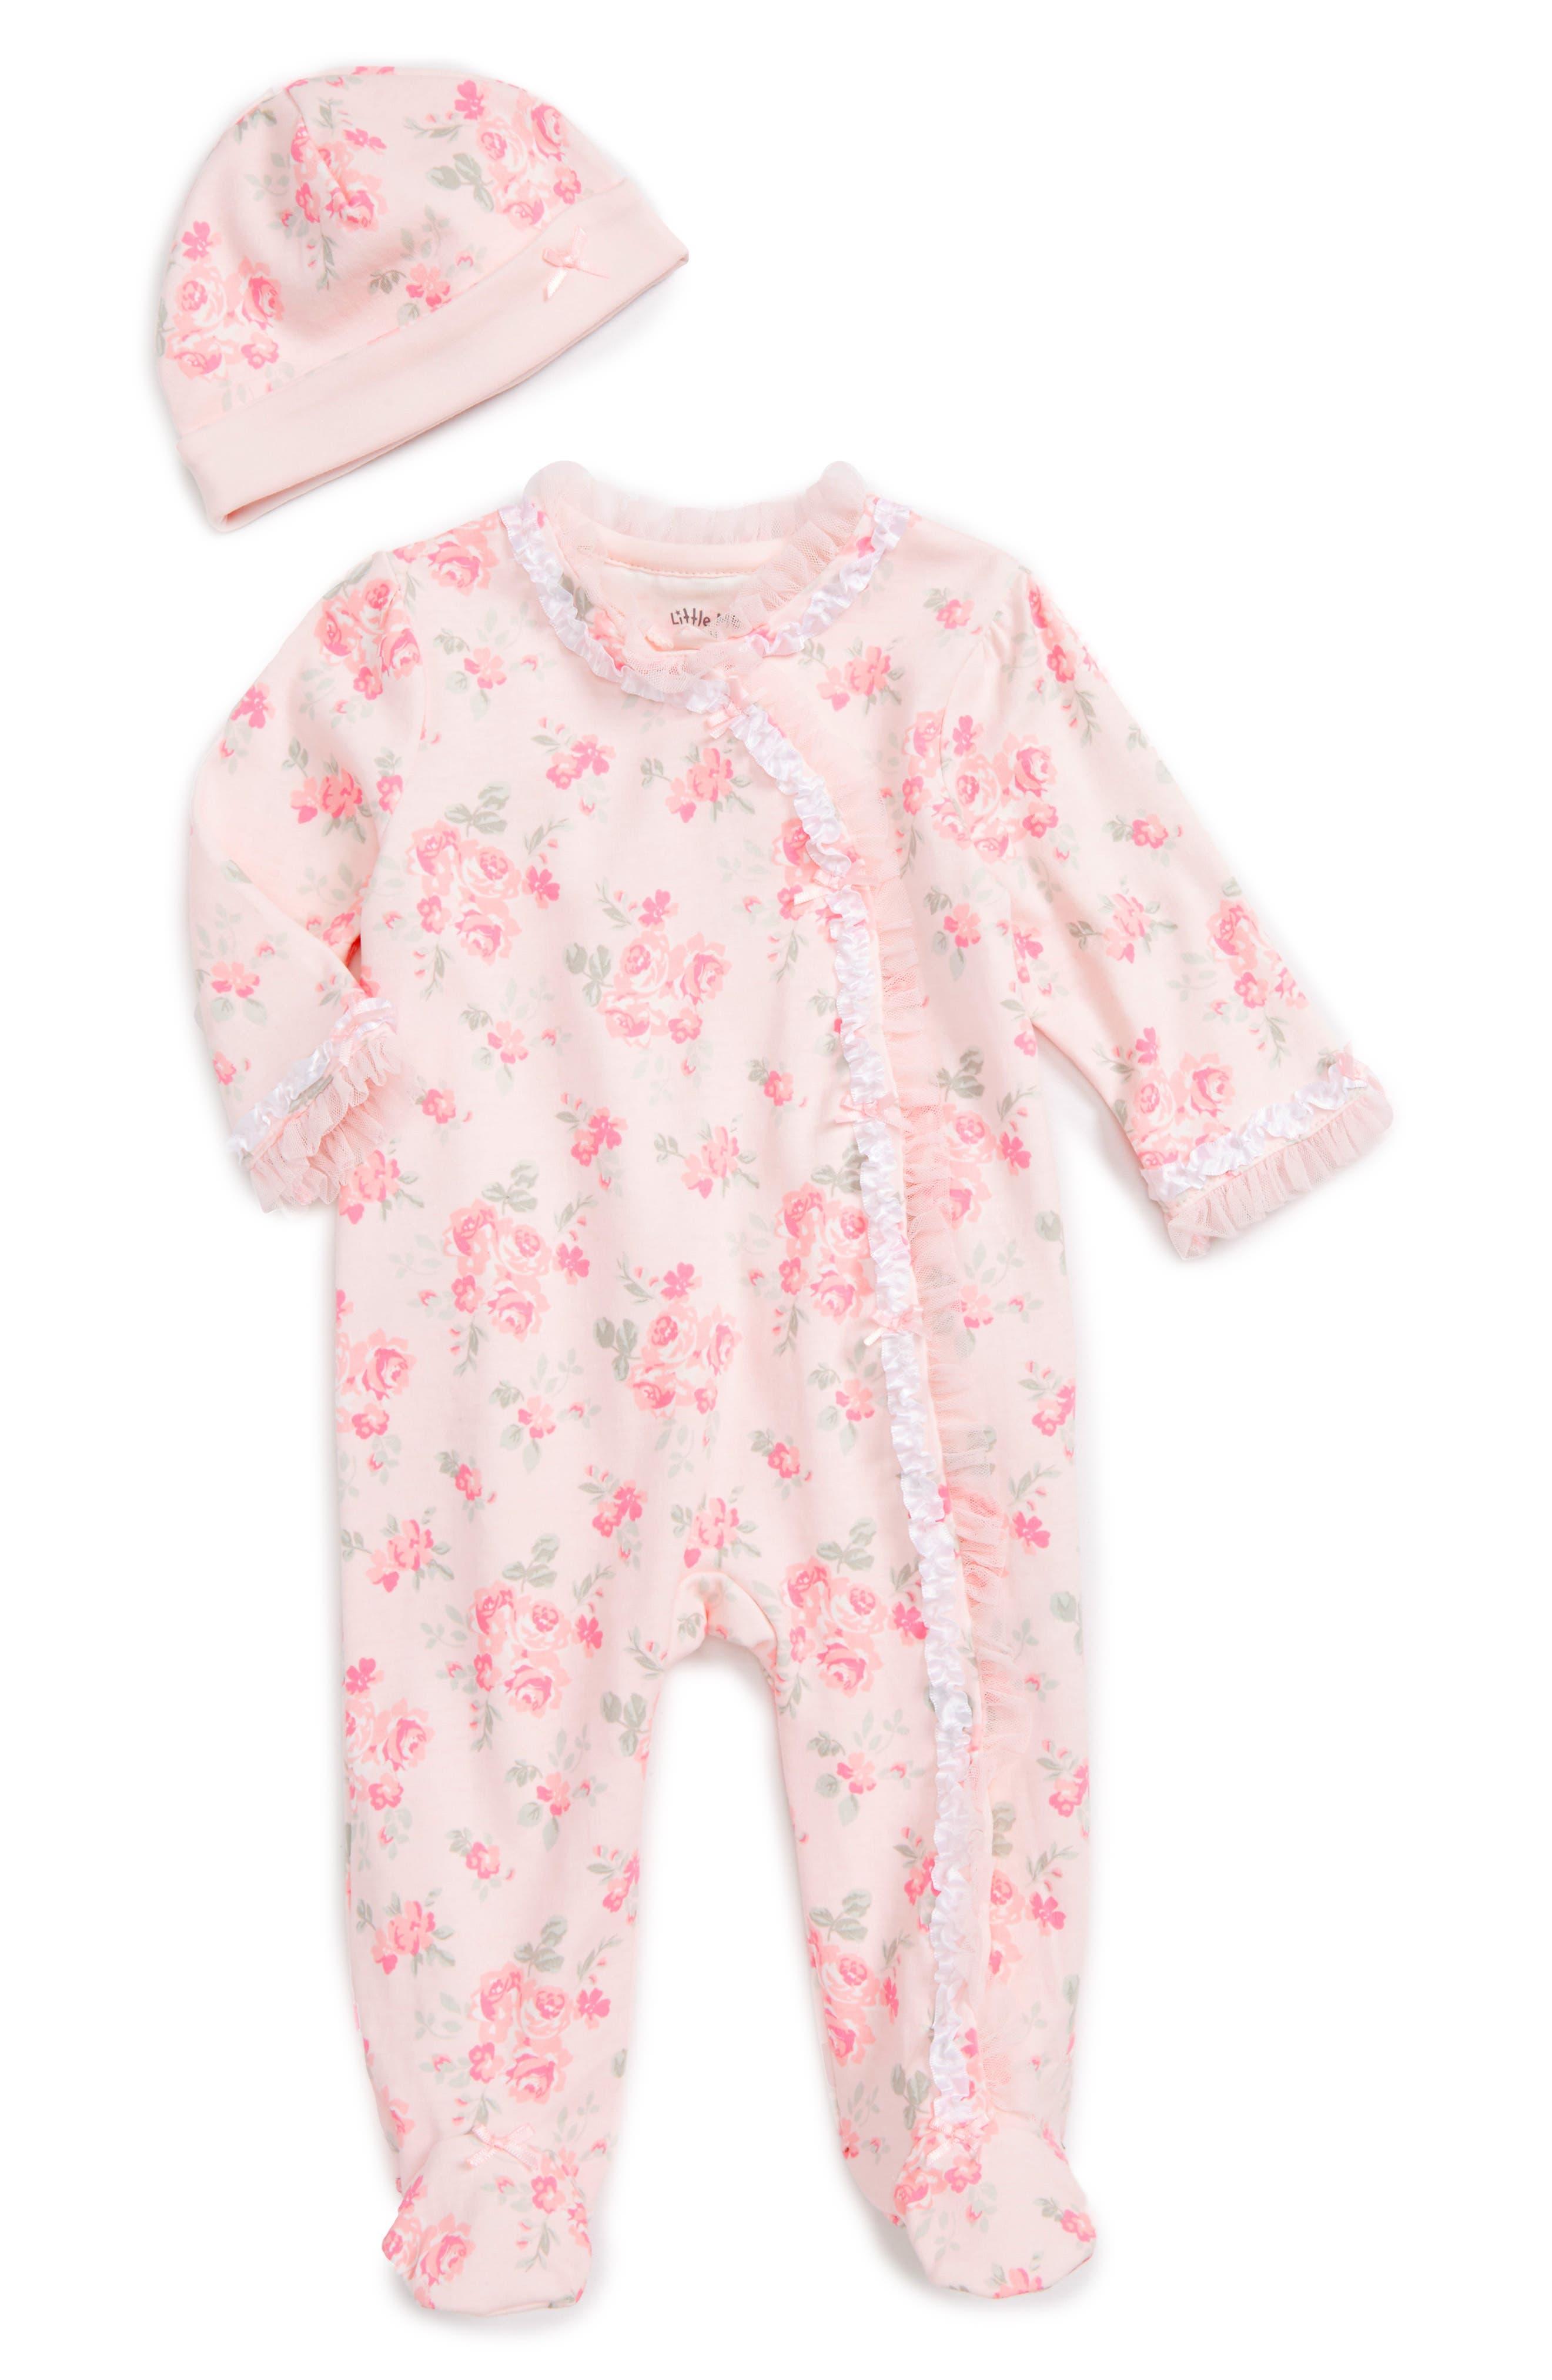 Footie & Beanie Set,                             Main thumbnail 1, color,                             Pink Floral